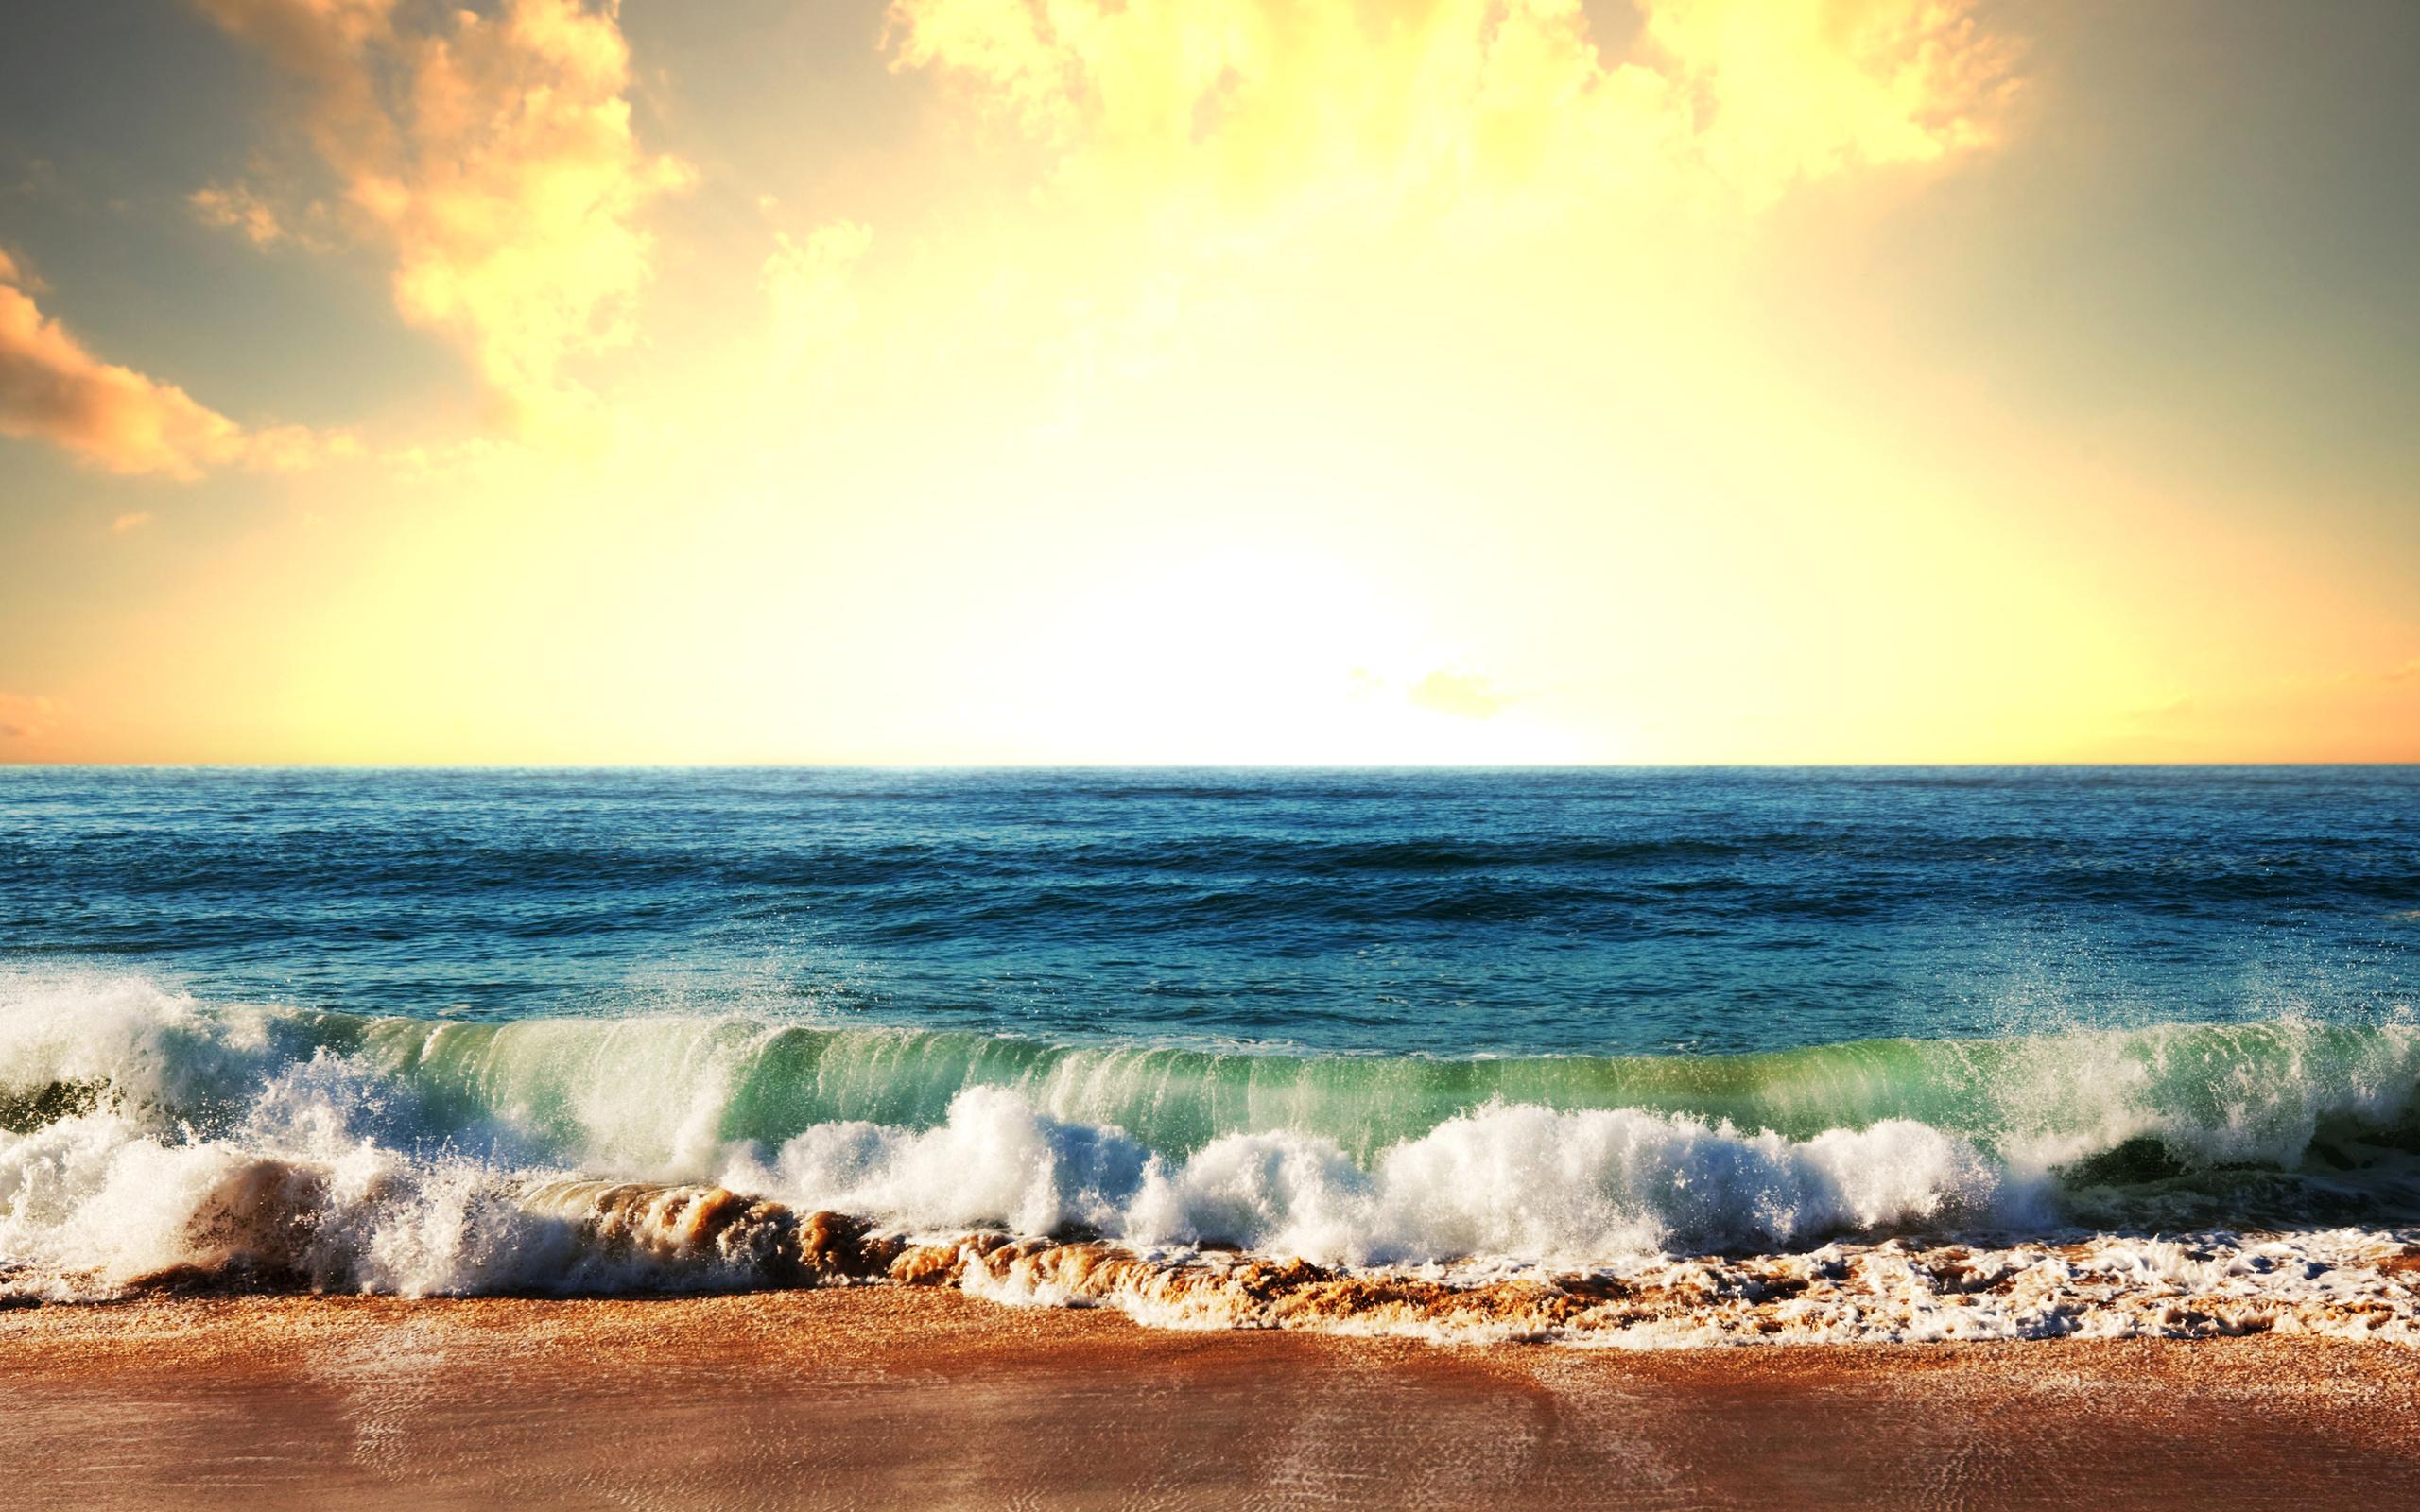 Картинка солнечного дня на море, рождением сына